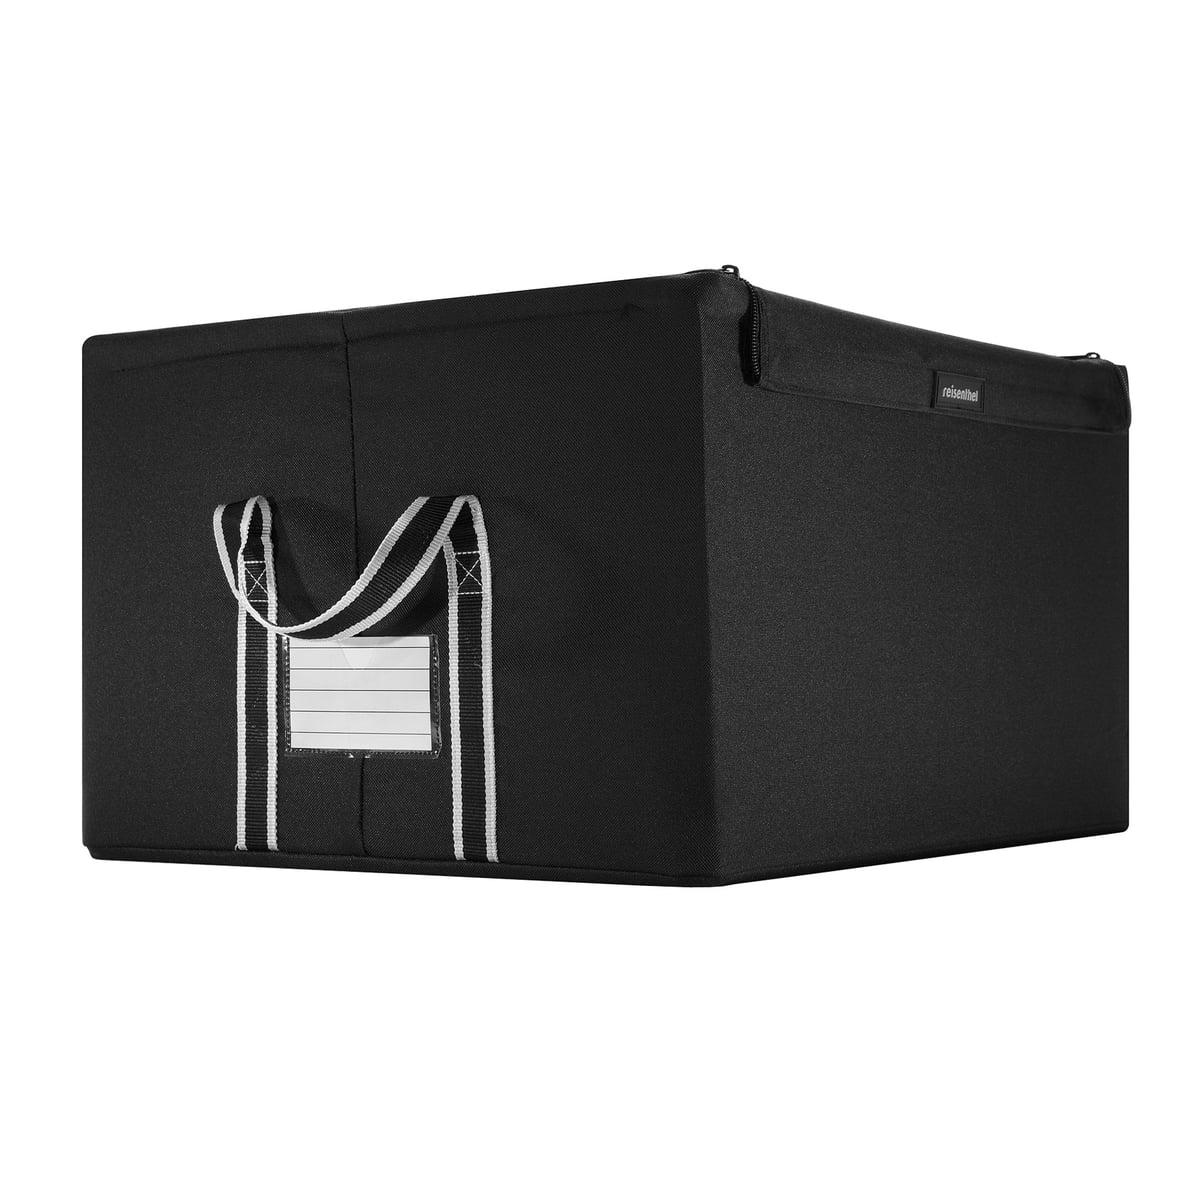 storagebox L von reisenthel im Design-Shop